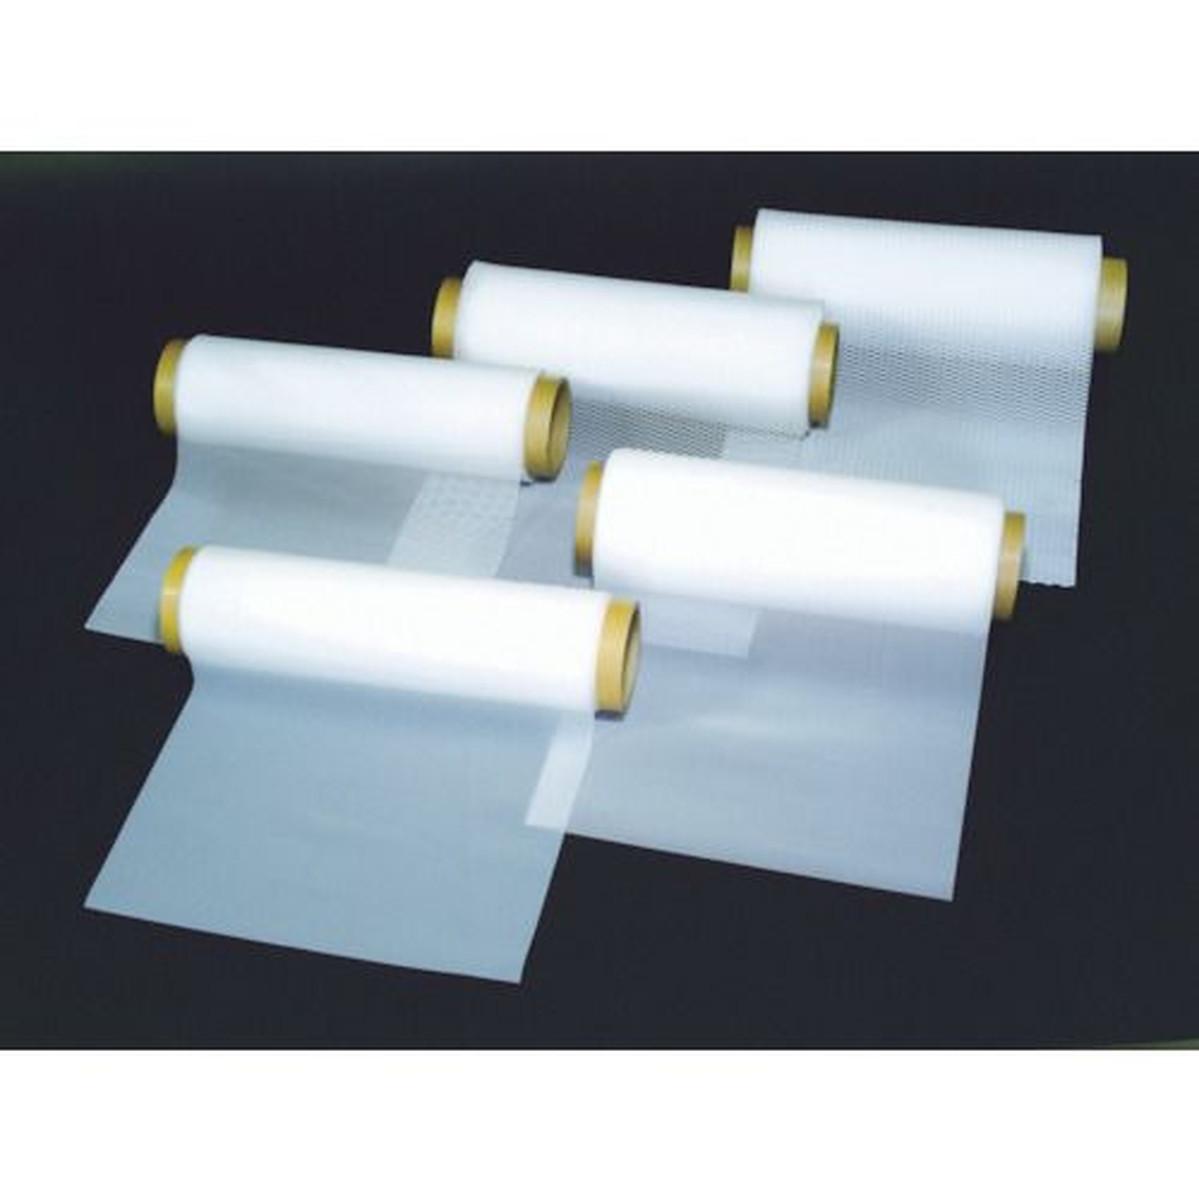 【オンライン限定商品】 フロンケミカル フッ素樹脂(PTFE)ネット フッ素樹脂(PTFE)ネット 18メッシュW300X1000L 18メッシュW300X1000L 1巻, BYスポーツ(ビーワイスポーツ):41e9e01e --- blacktieclassic.com.au